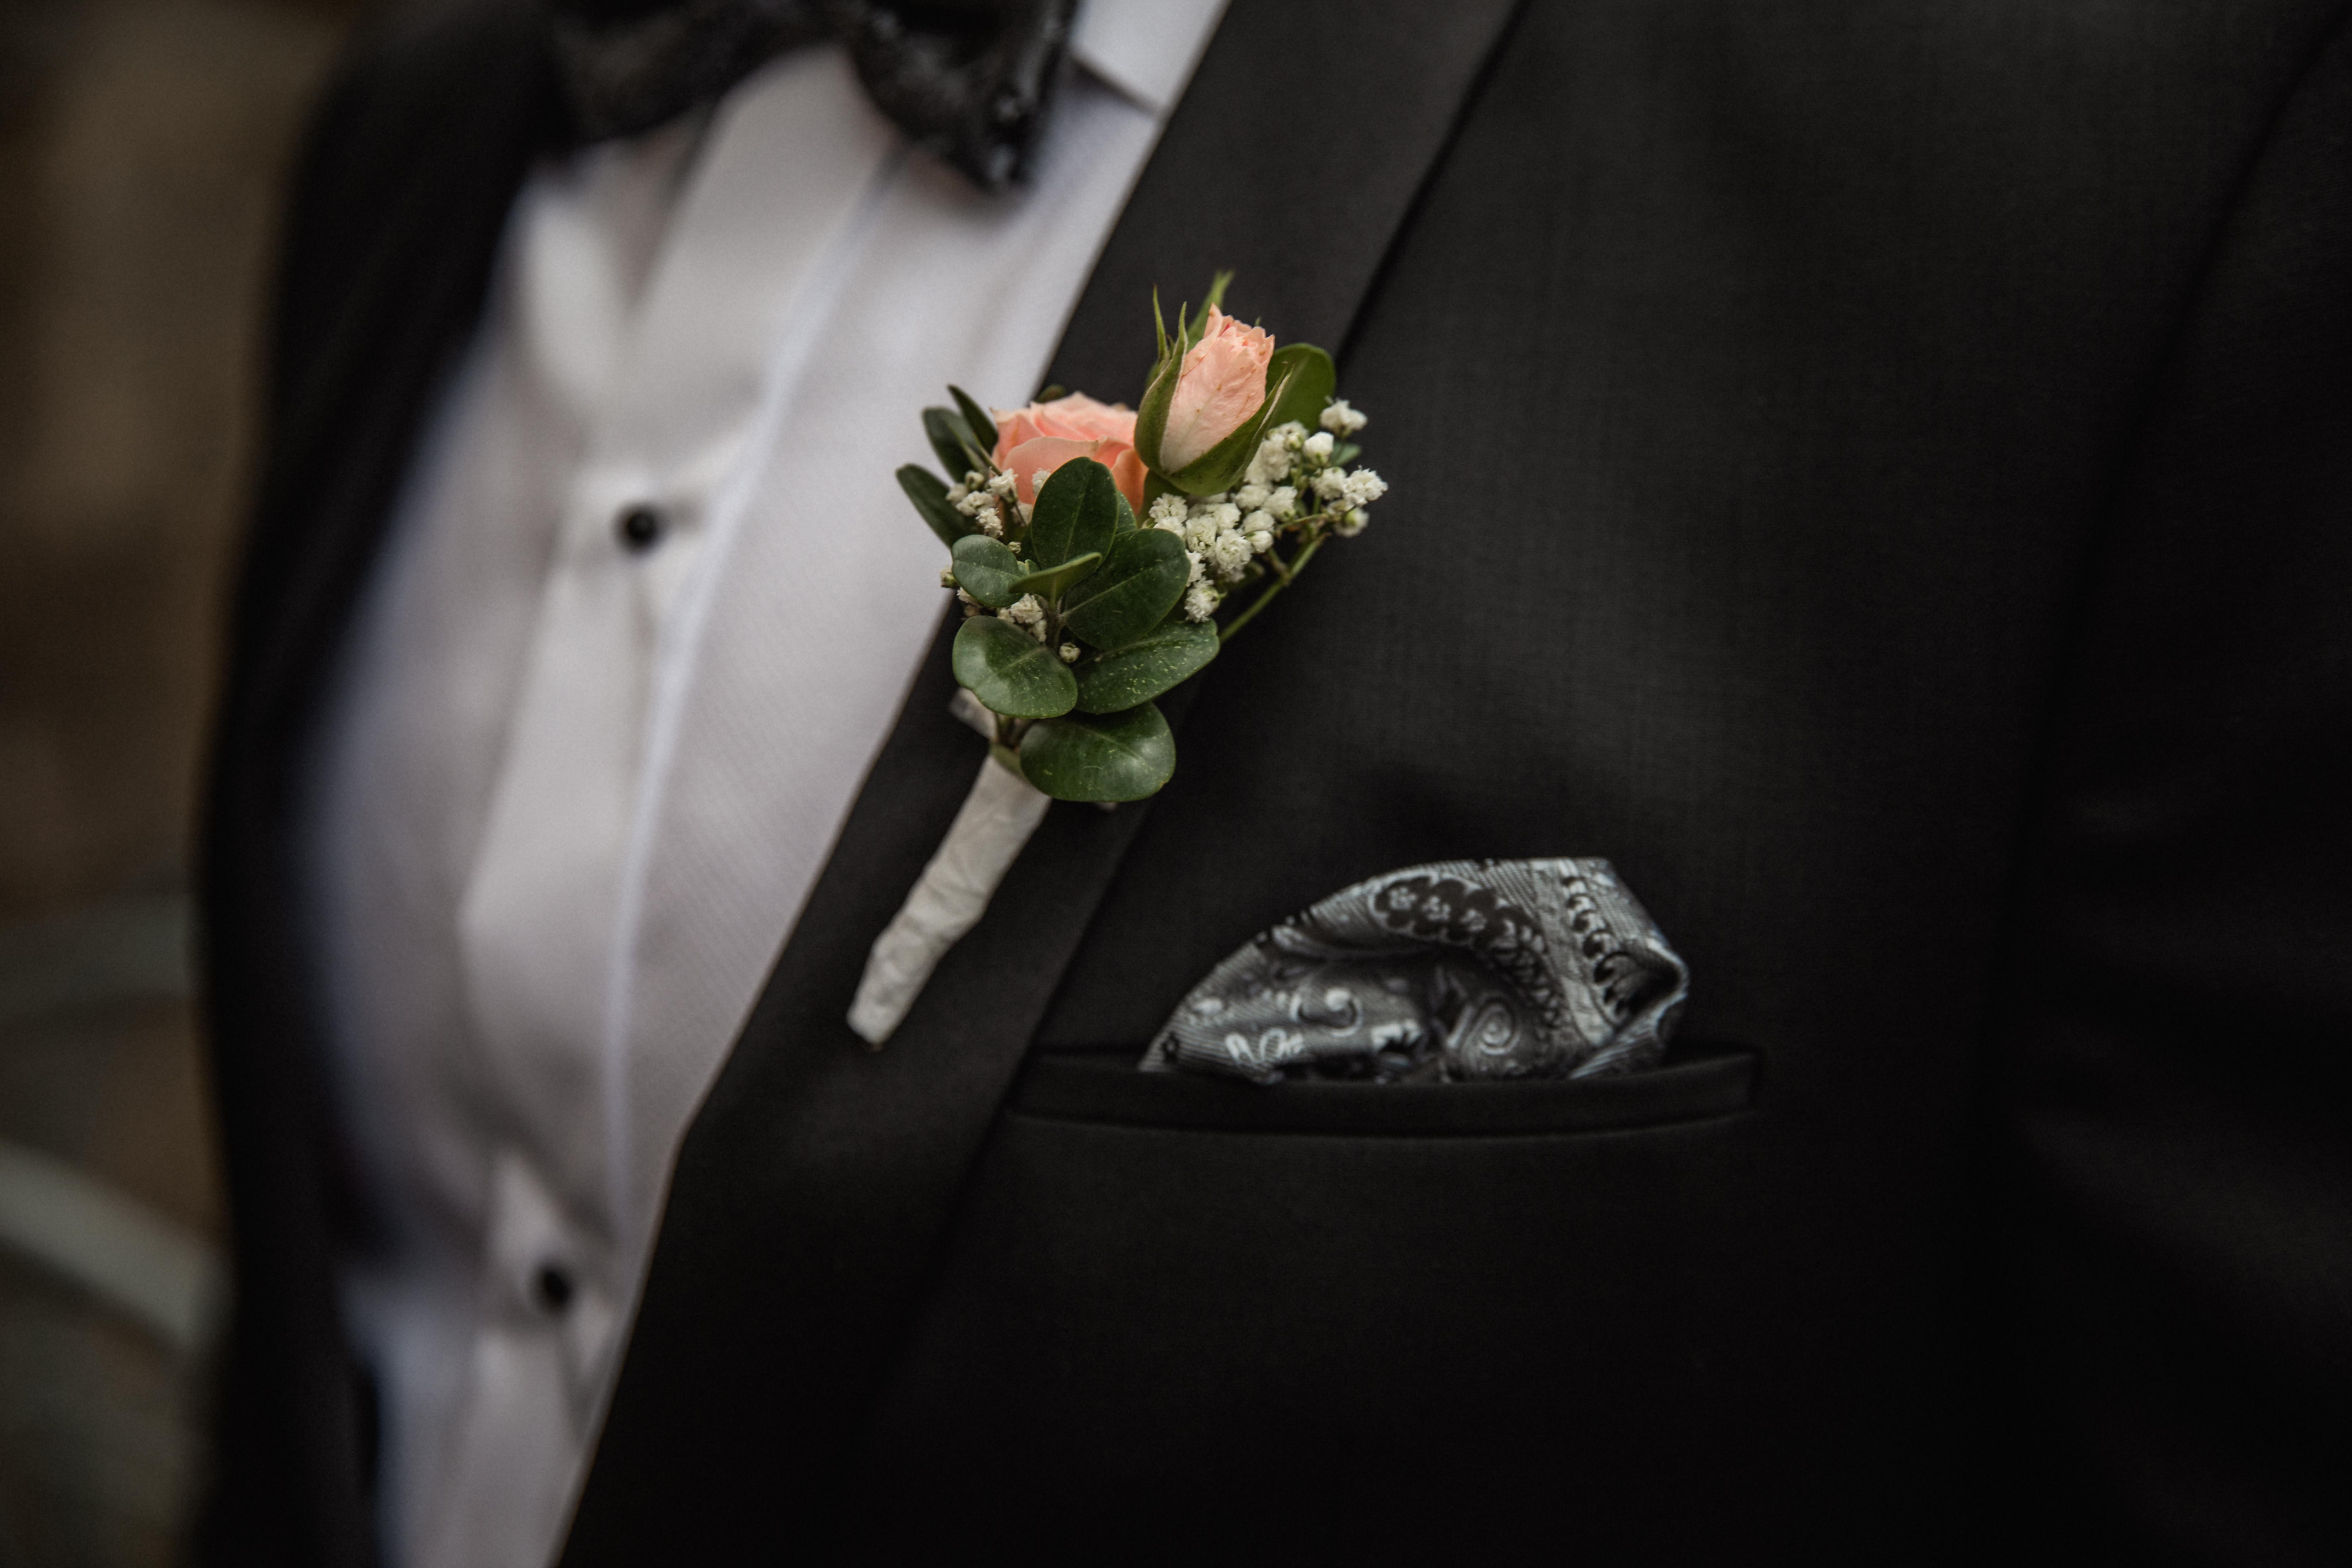 Hochzeitsfotograf-Grossgruendlach-Standesamt-Hallerschloss-Urbanerie-Stazija-und-Michael-008